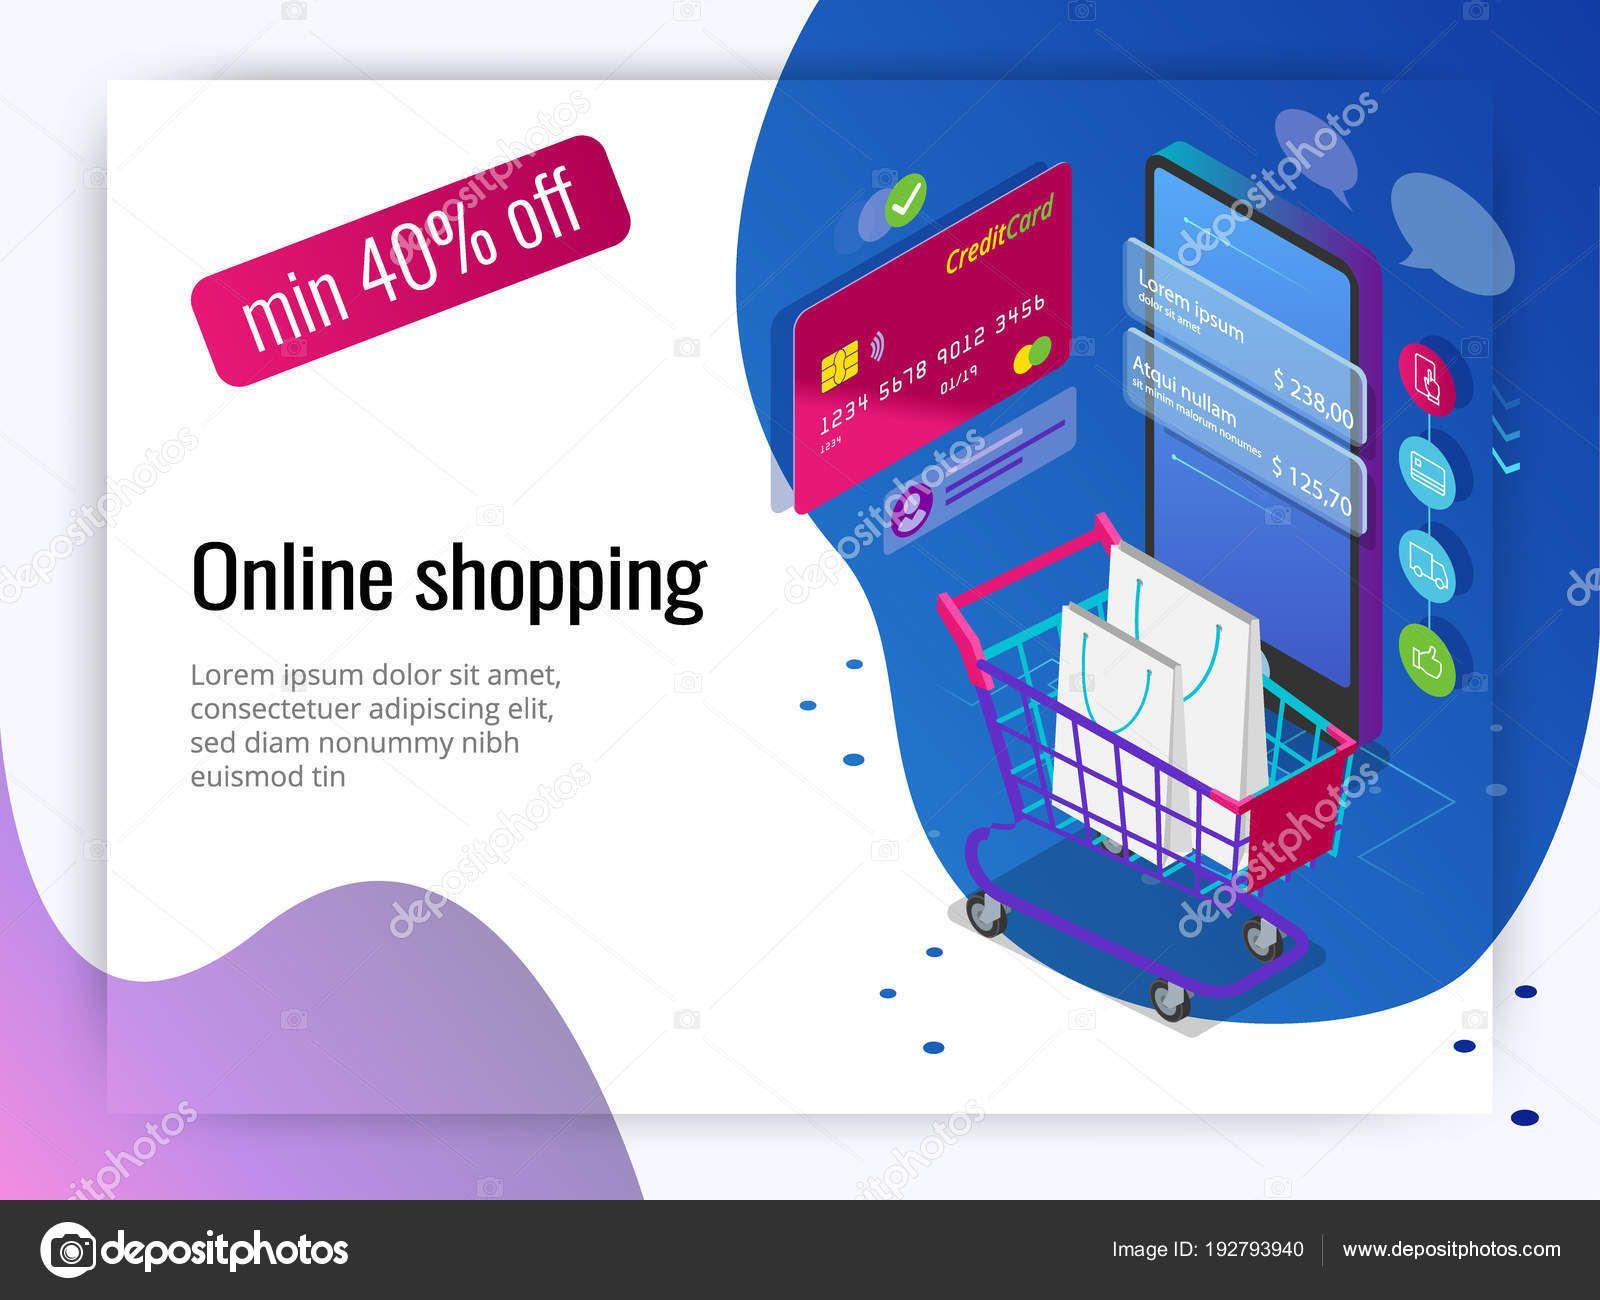 Хабитат для человечества округа медина онлайн-магазины розничной.